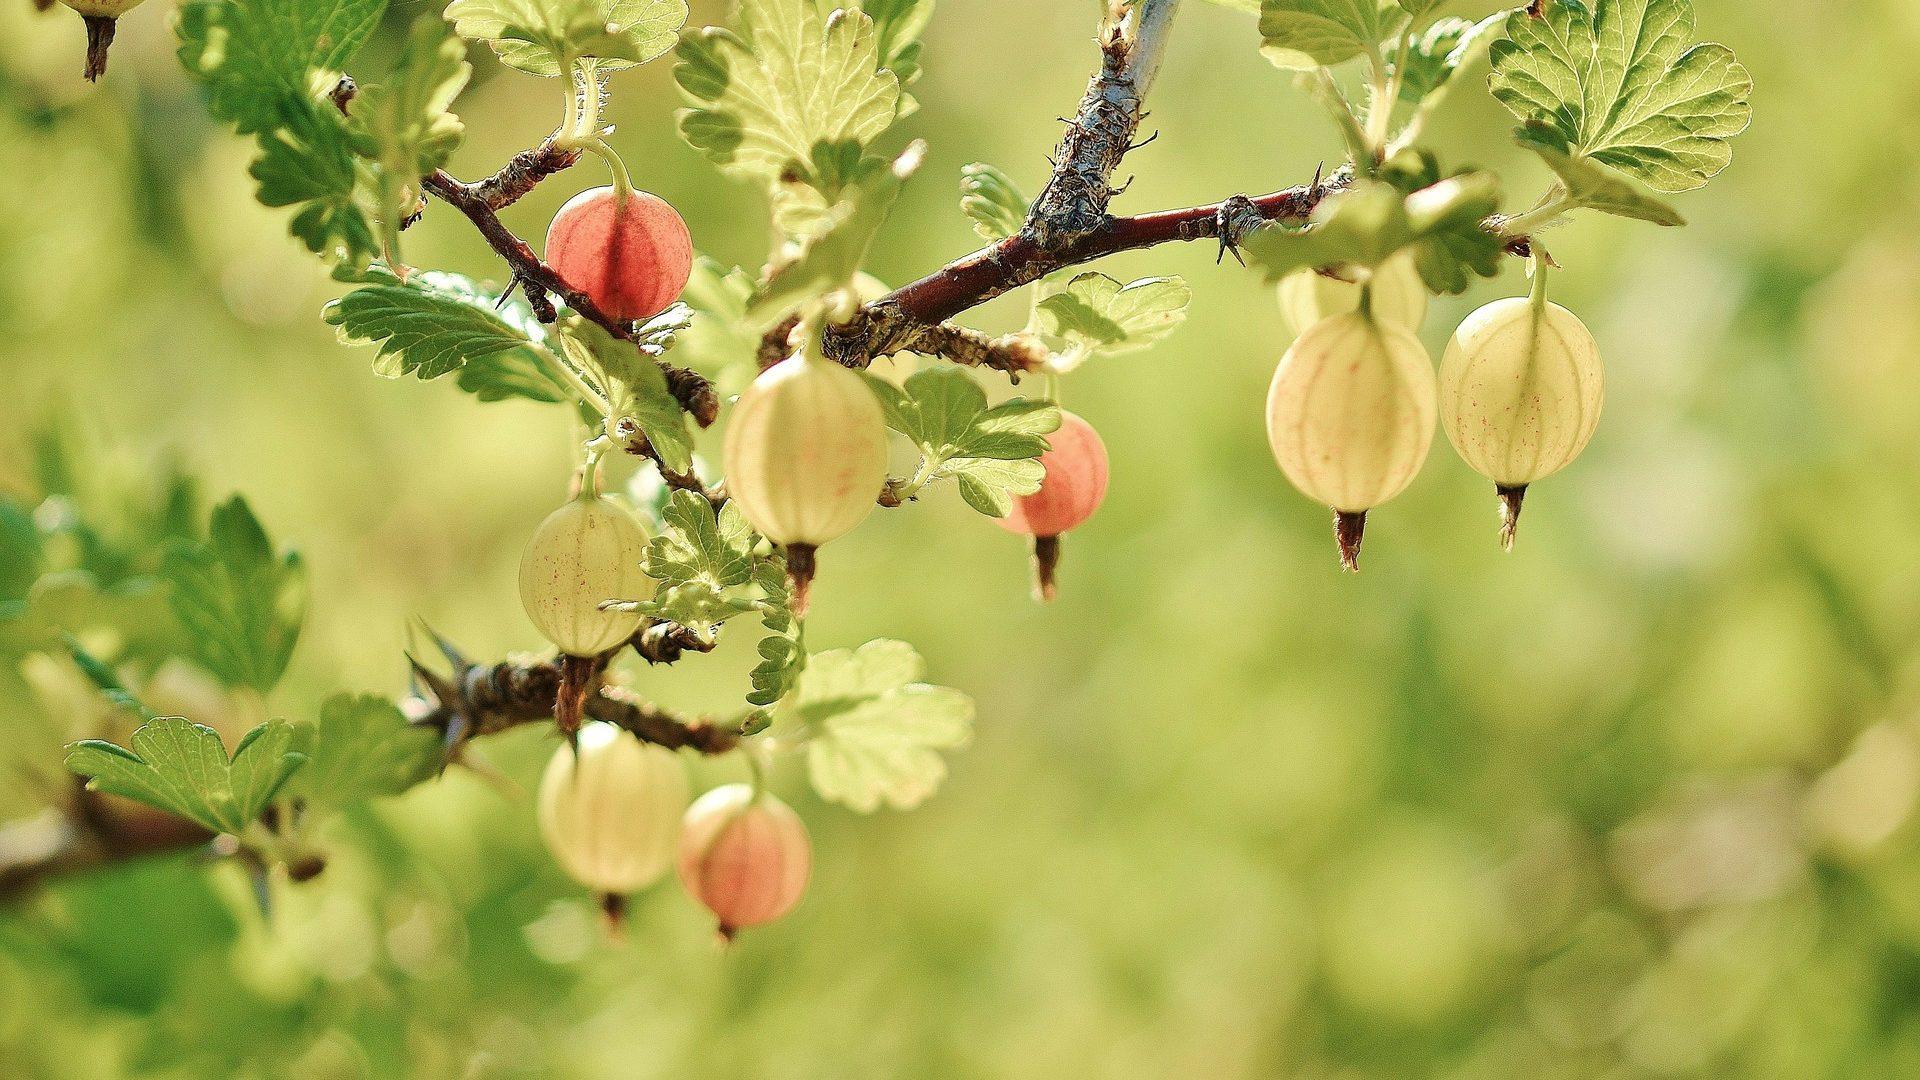 gooseberry-176450_1920